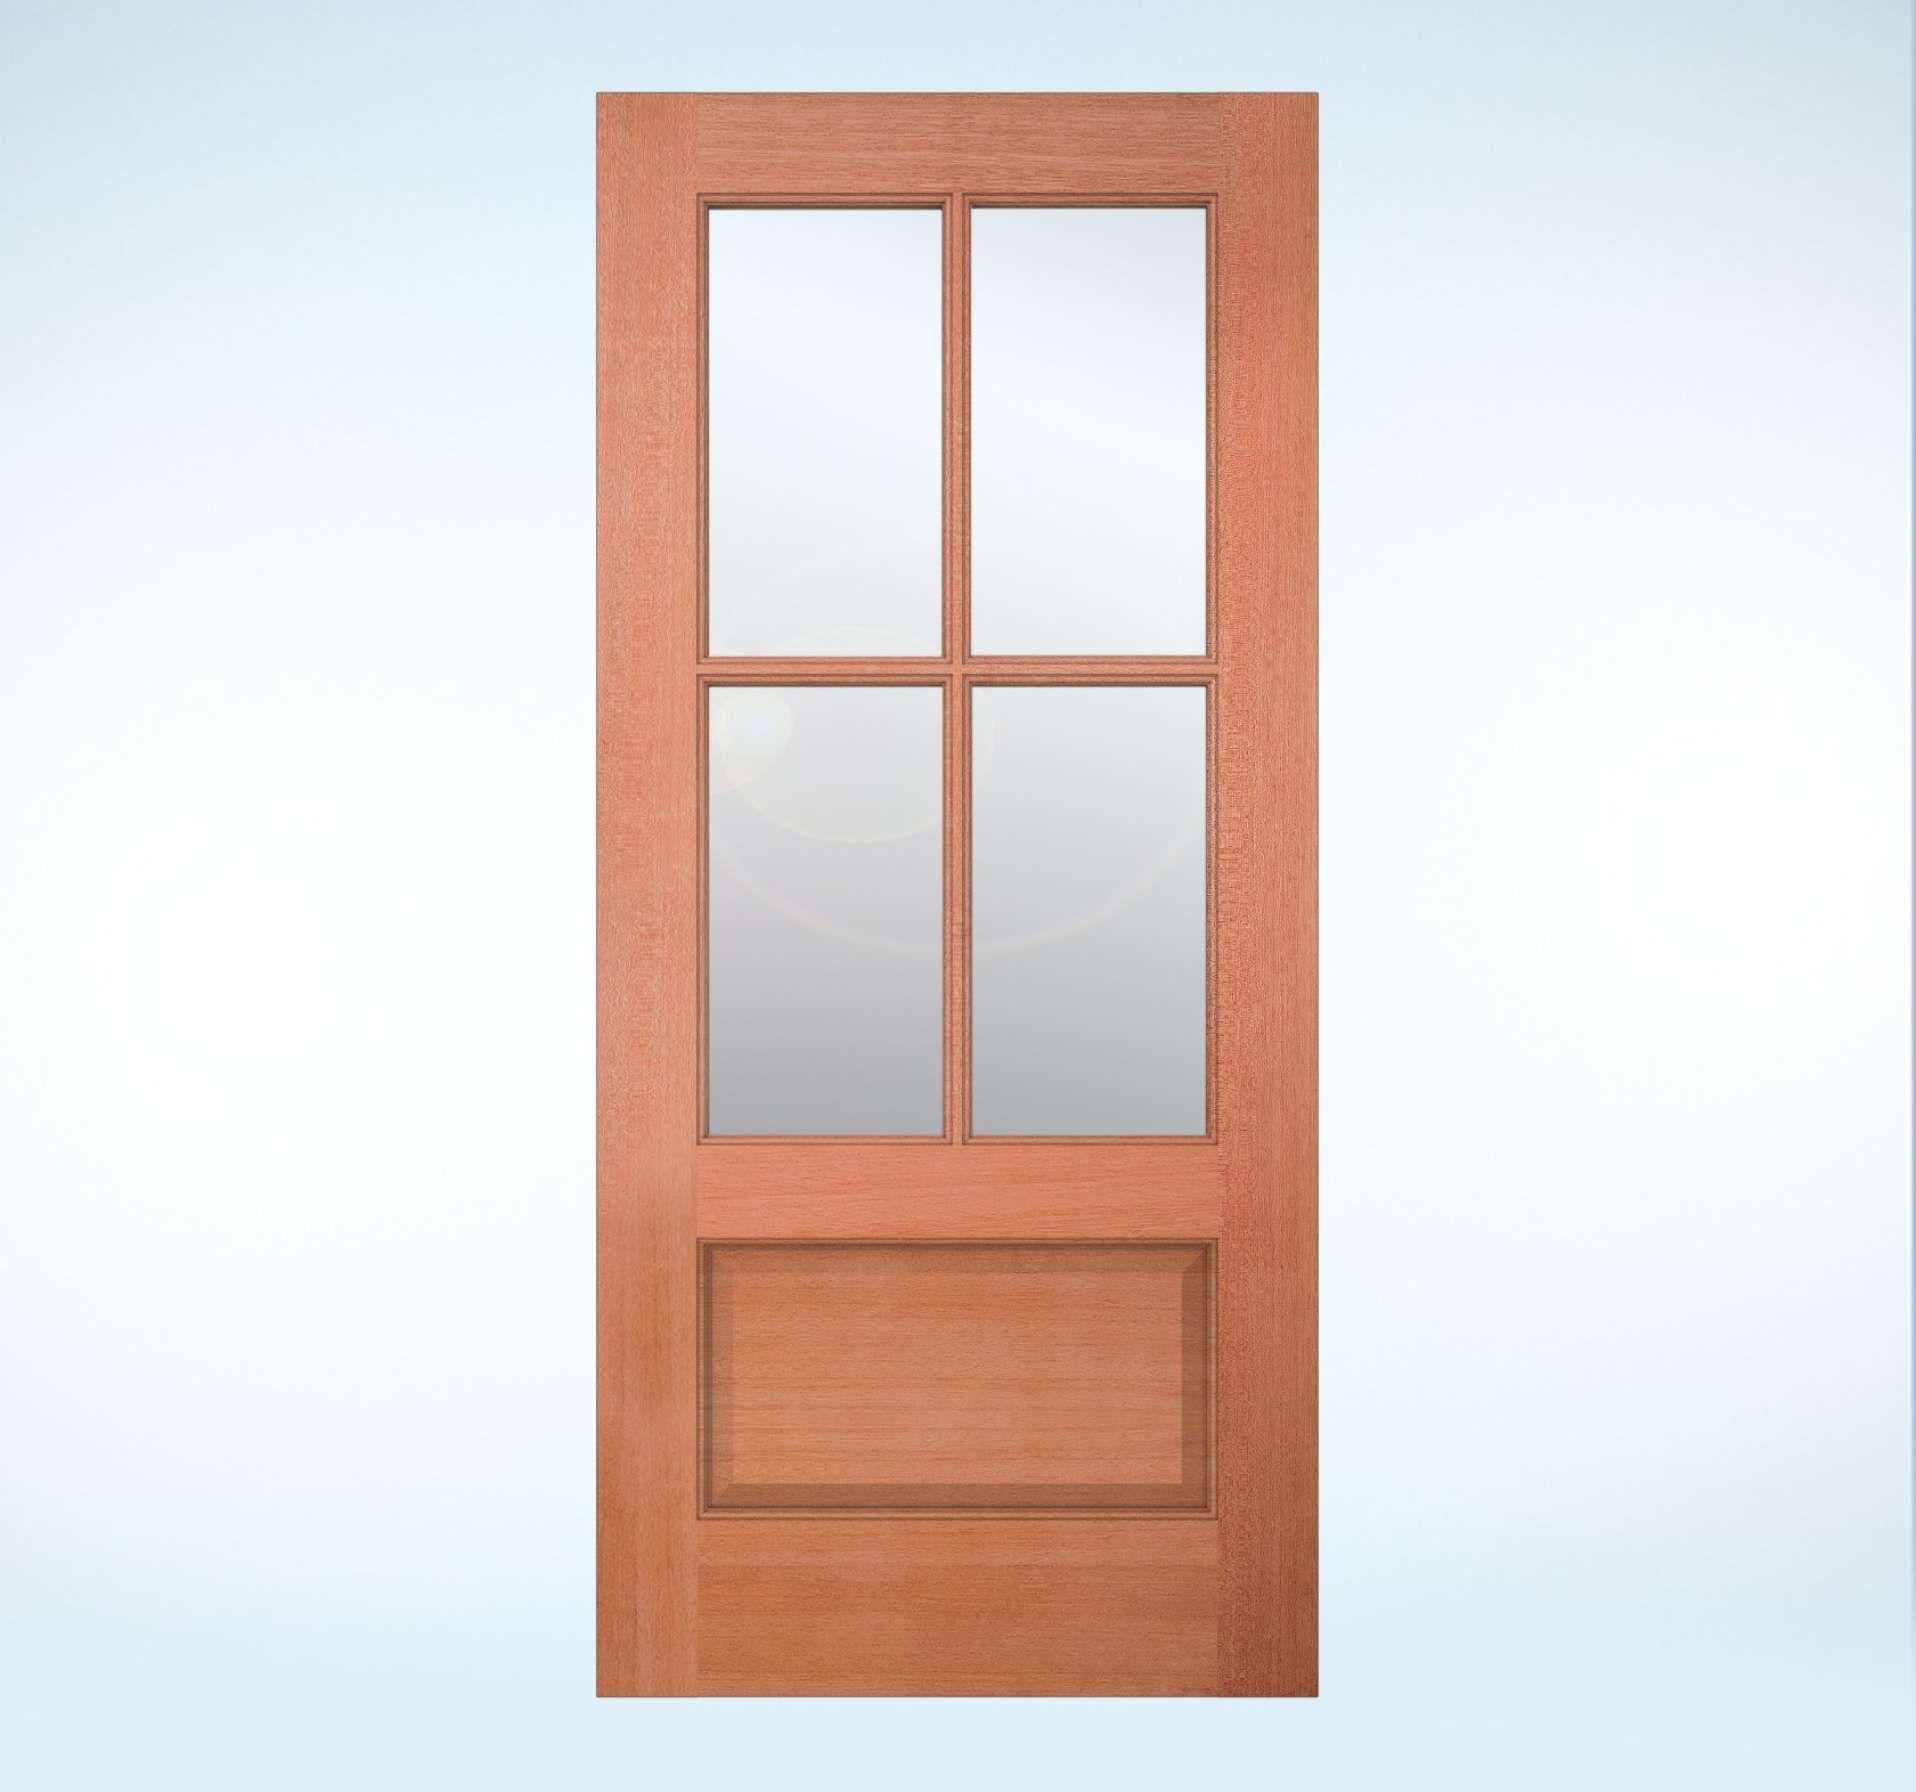 Jeld wen model 5104 wood glass panel exterior door in for External wooden back doors